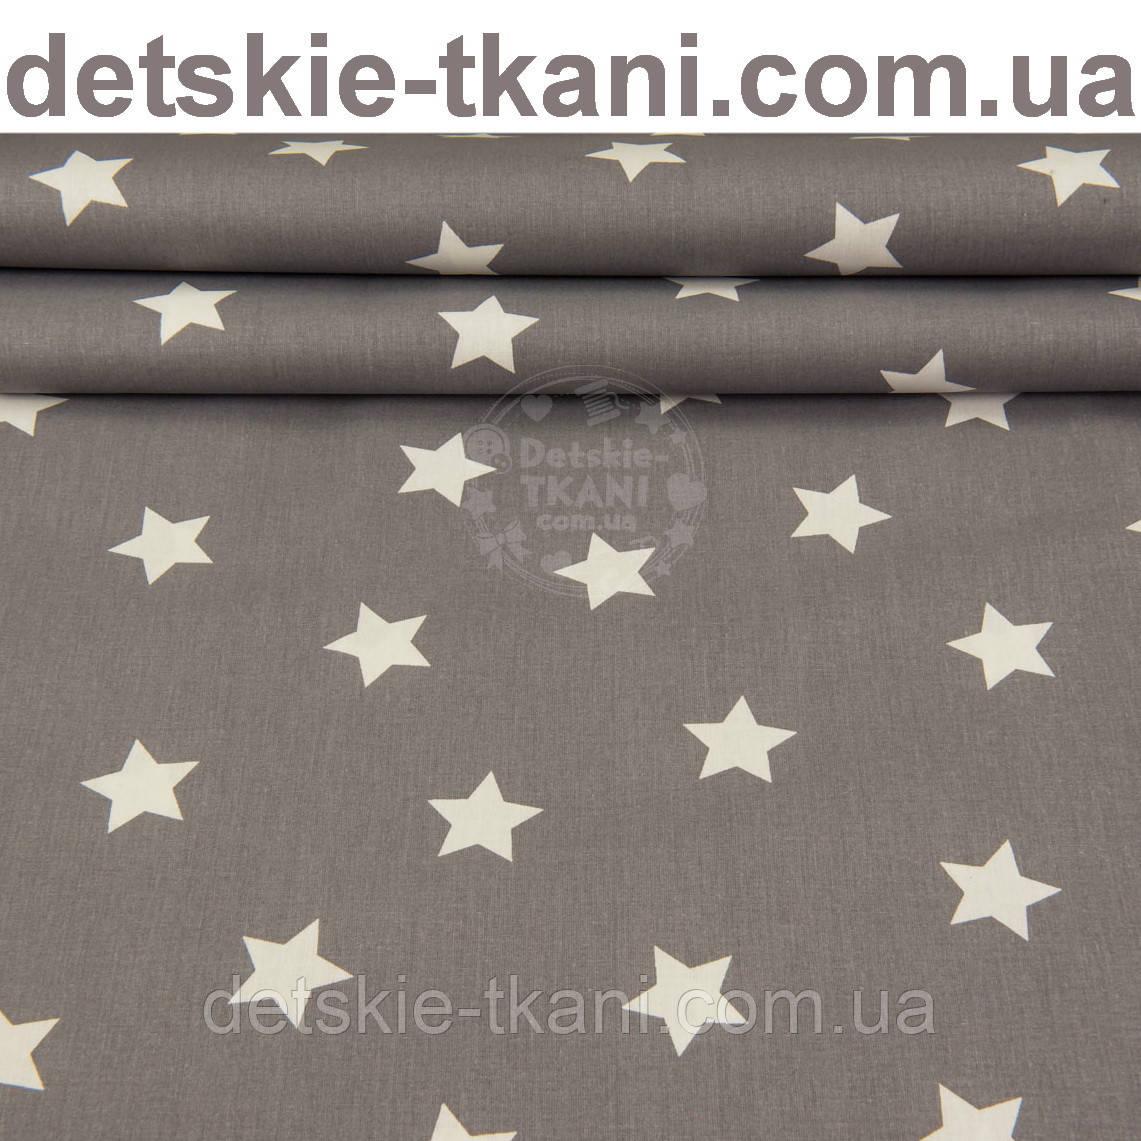 Лоскут ткани с белыми звёздами 3 см на графитовом фоне, (№1108) размер 118*37